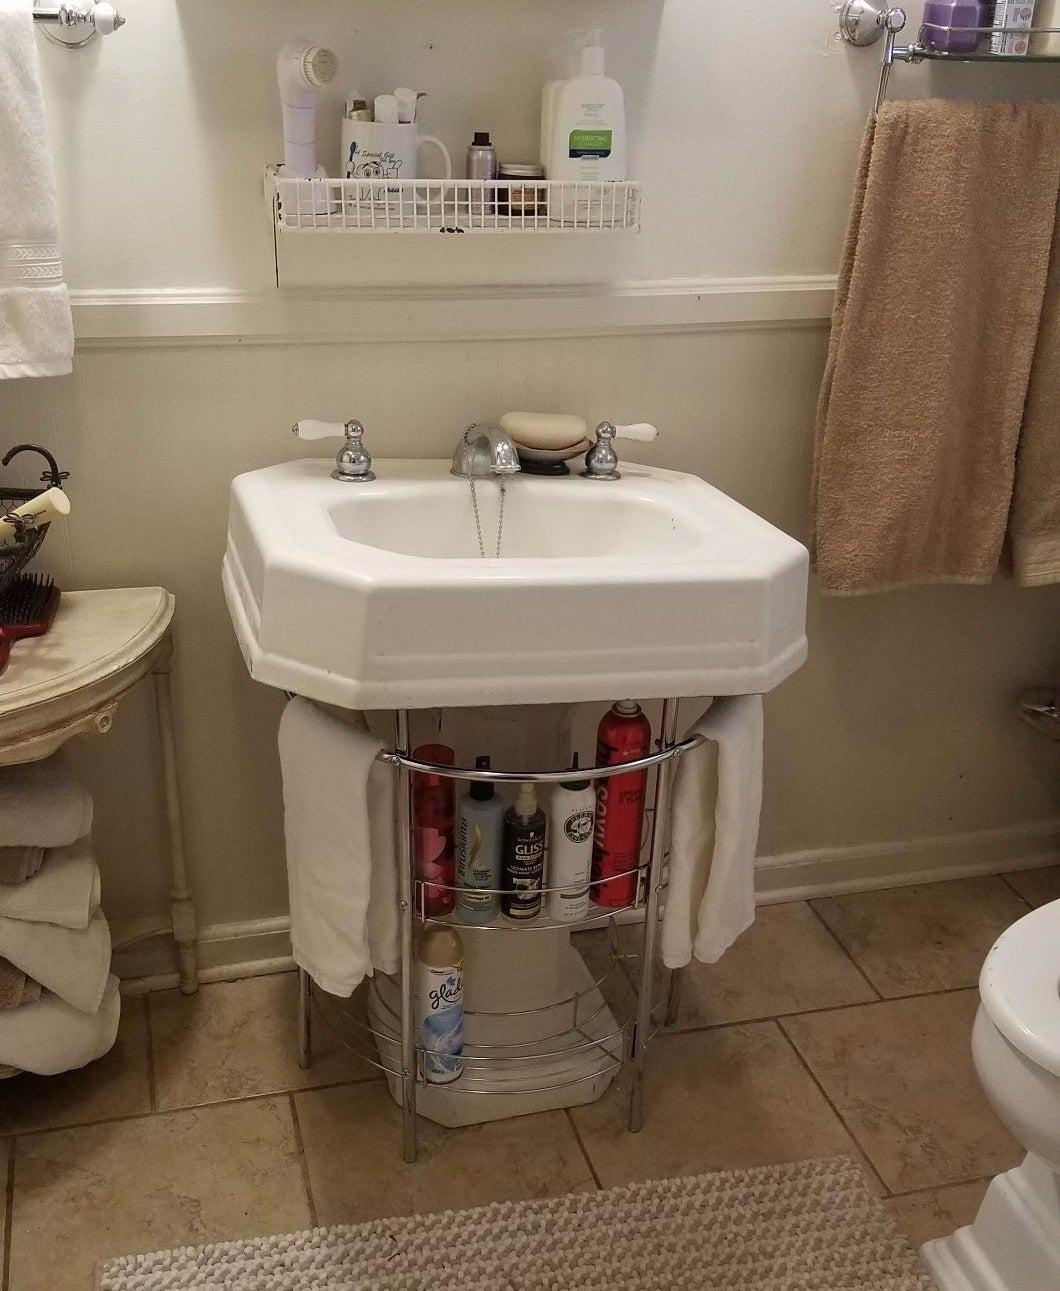 The organizer underneath a pedestal sink